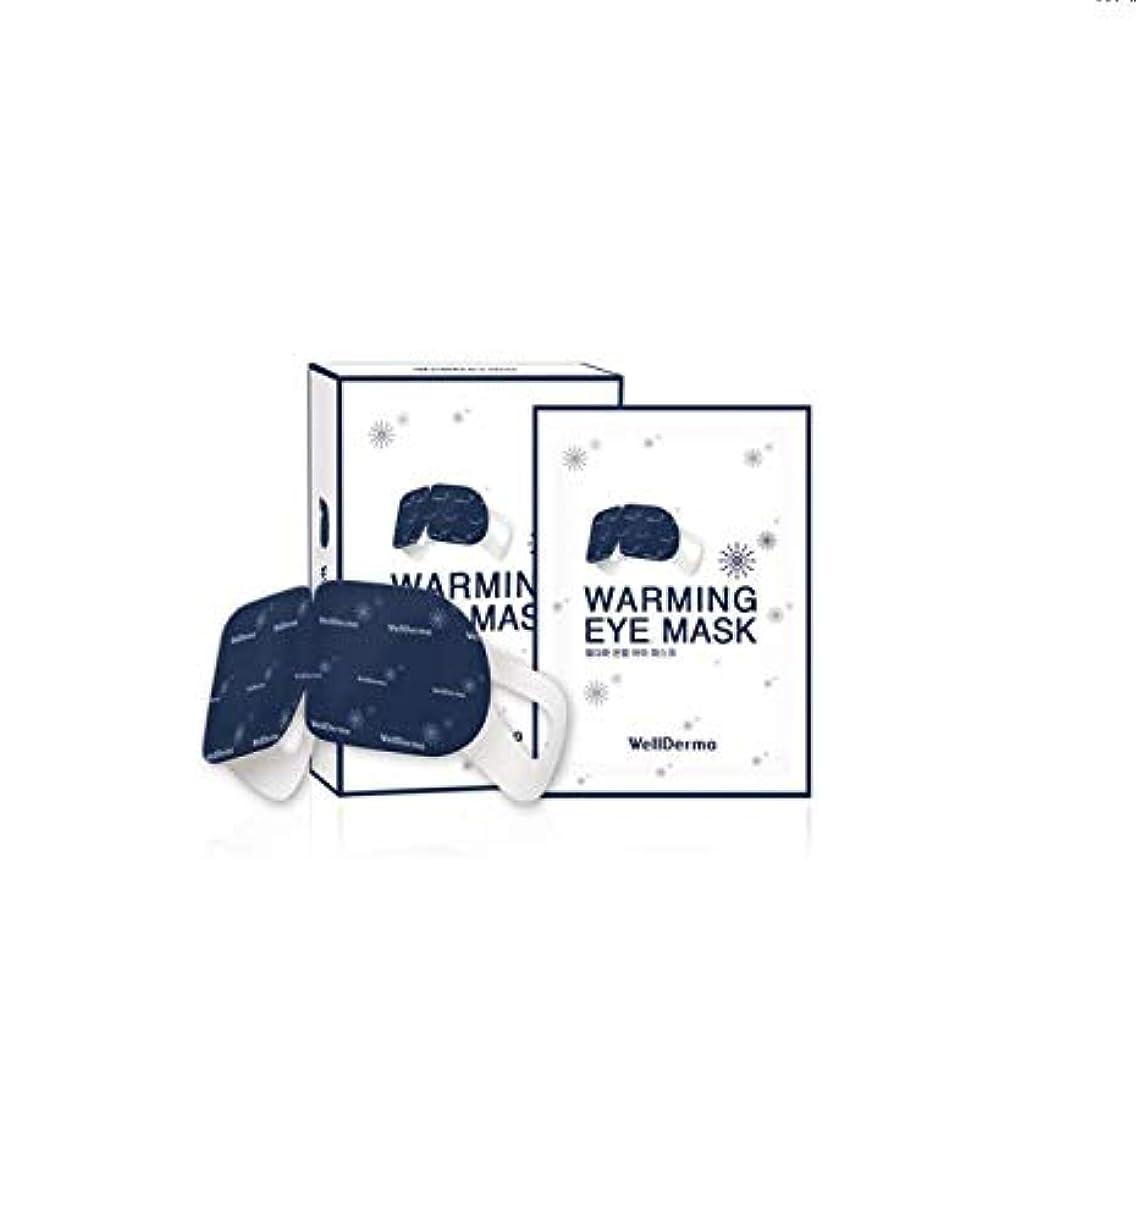 ハグベアリング破壊的なWellderma (ウェルダーマ) ウォーミング アイ マスク パック/Warming Eye Mask 1pack(10sheets) [並行輸入品]